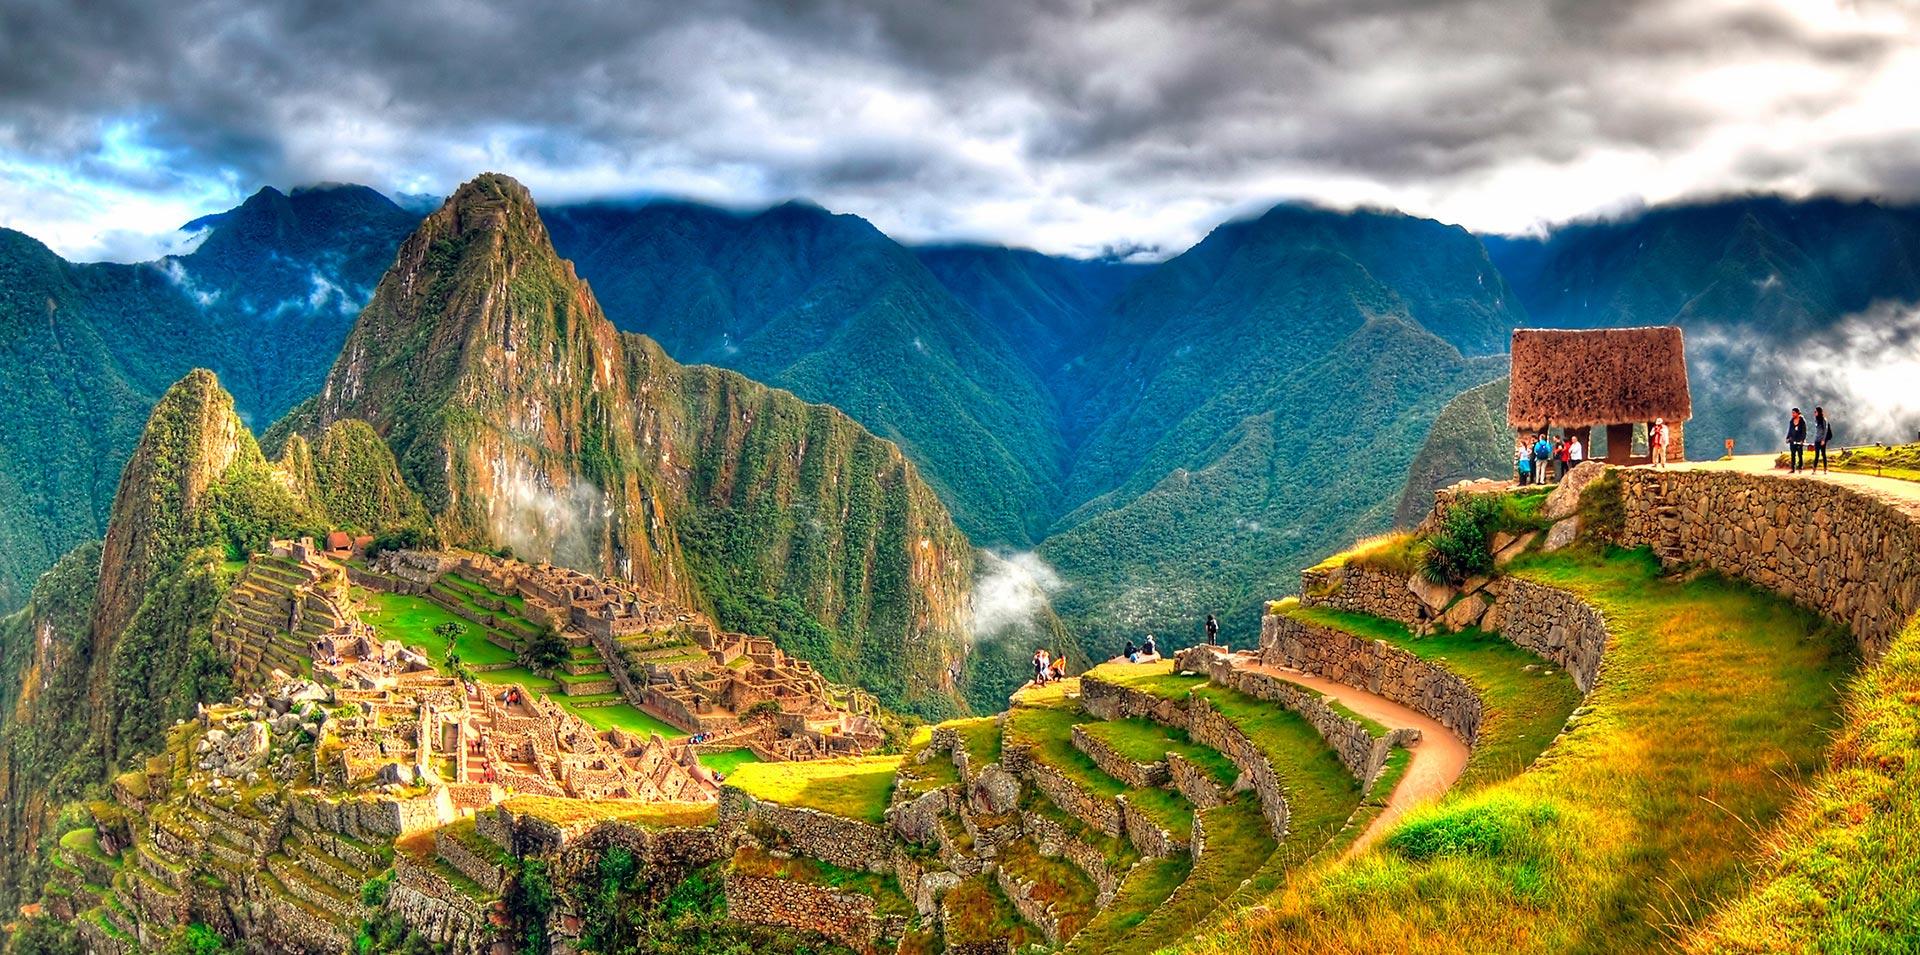 Machu Picchu citadel in Peru seen from the distance